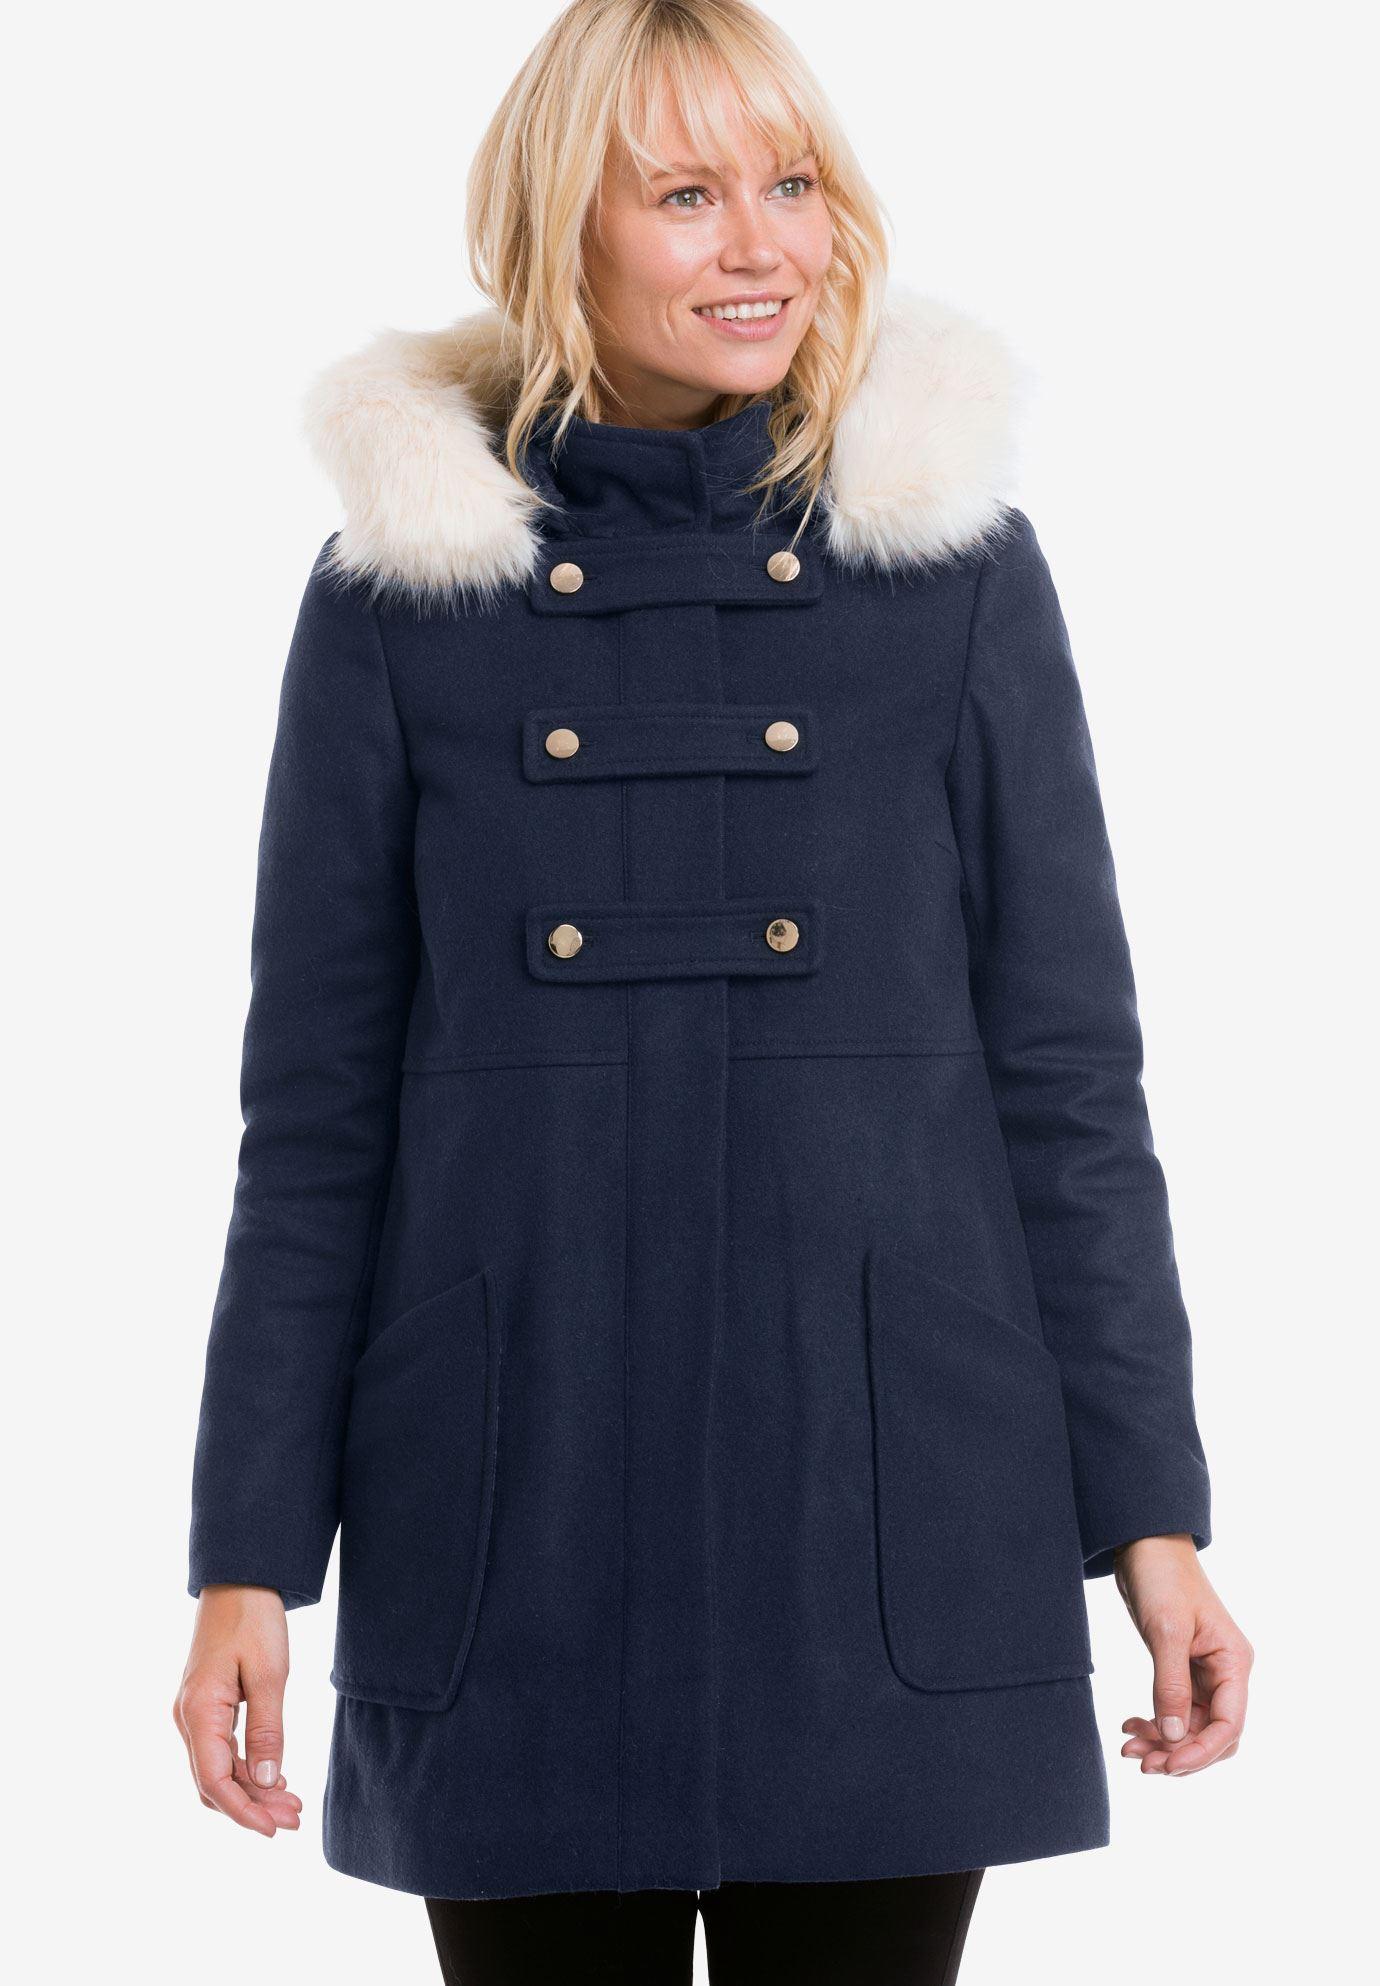 c25946ee2a5 Faux Fur Trim Wool-Blend Coat by ellos - Women s Plus Size Clothing ...